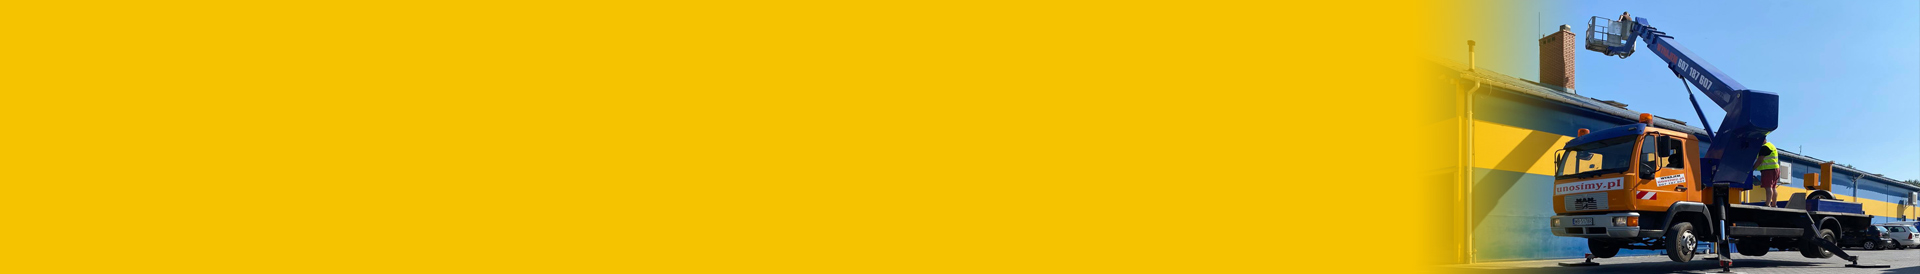 baner - podnośnik koszowy